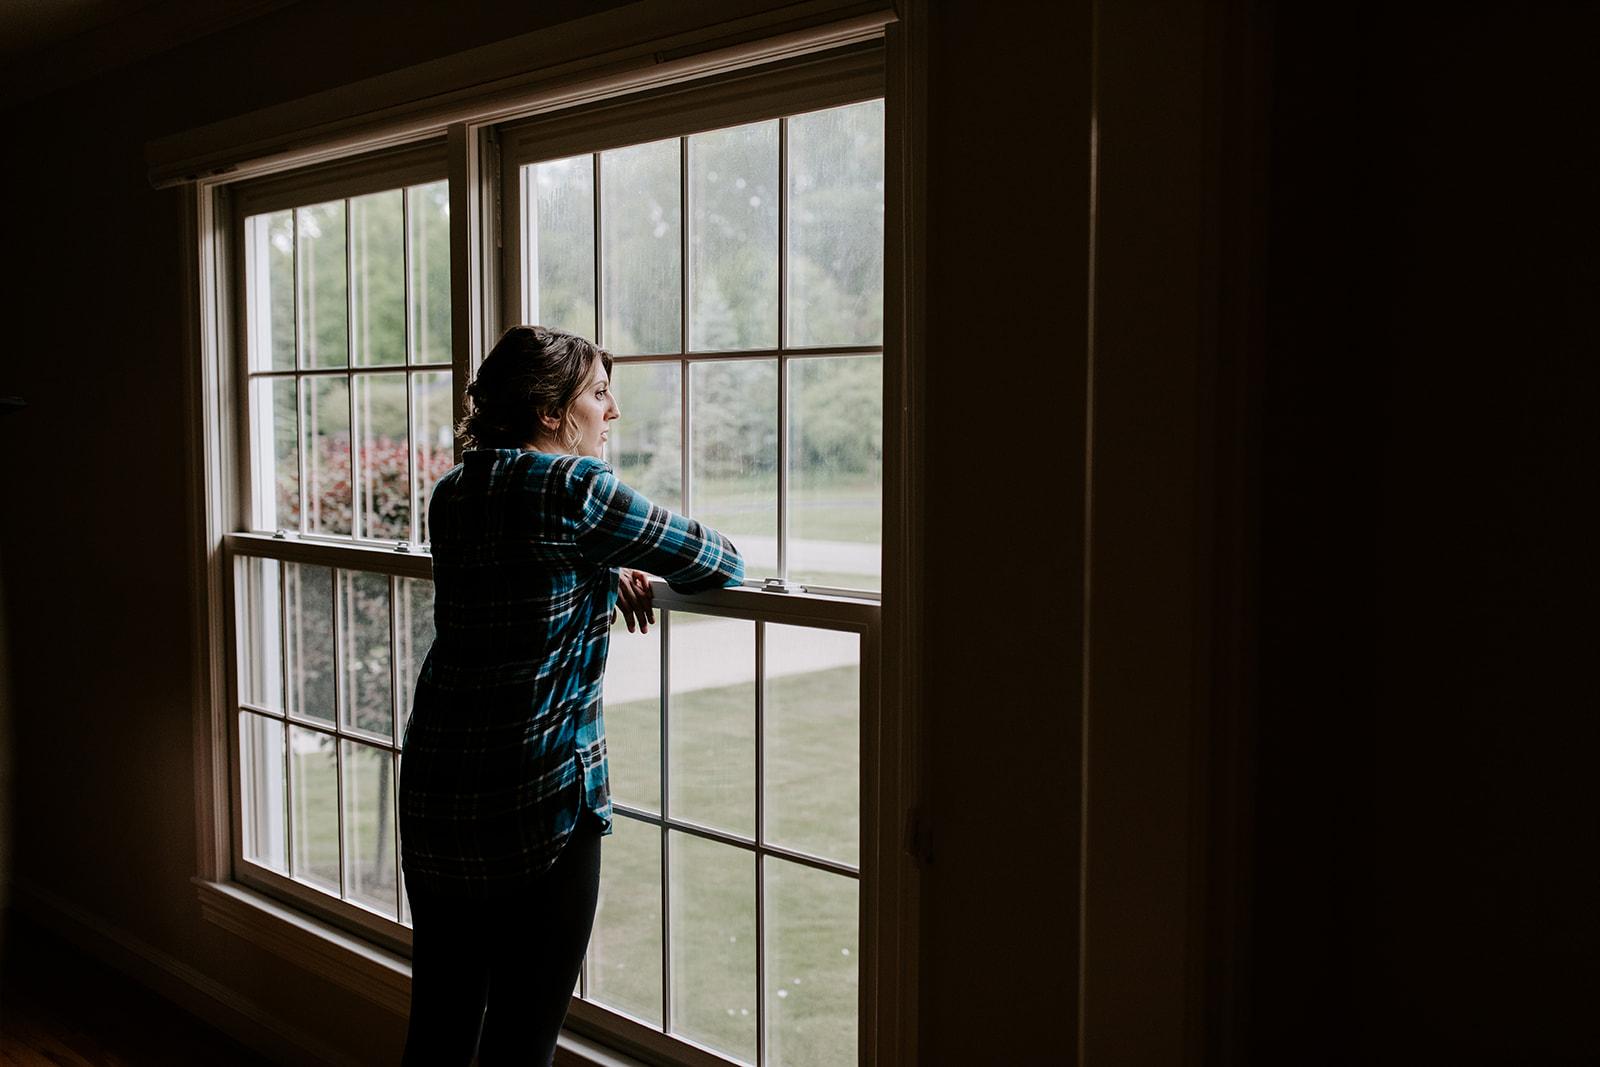 2019-06-01-00-Lindsey+Mat-01_Her_Morning-meandhimphoto-0034-K5D43970.jpg